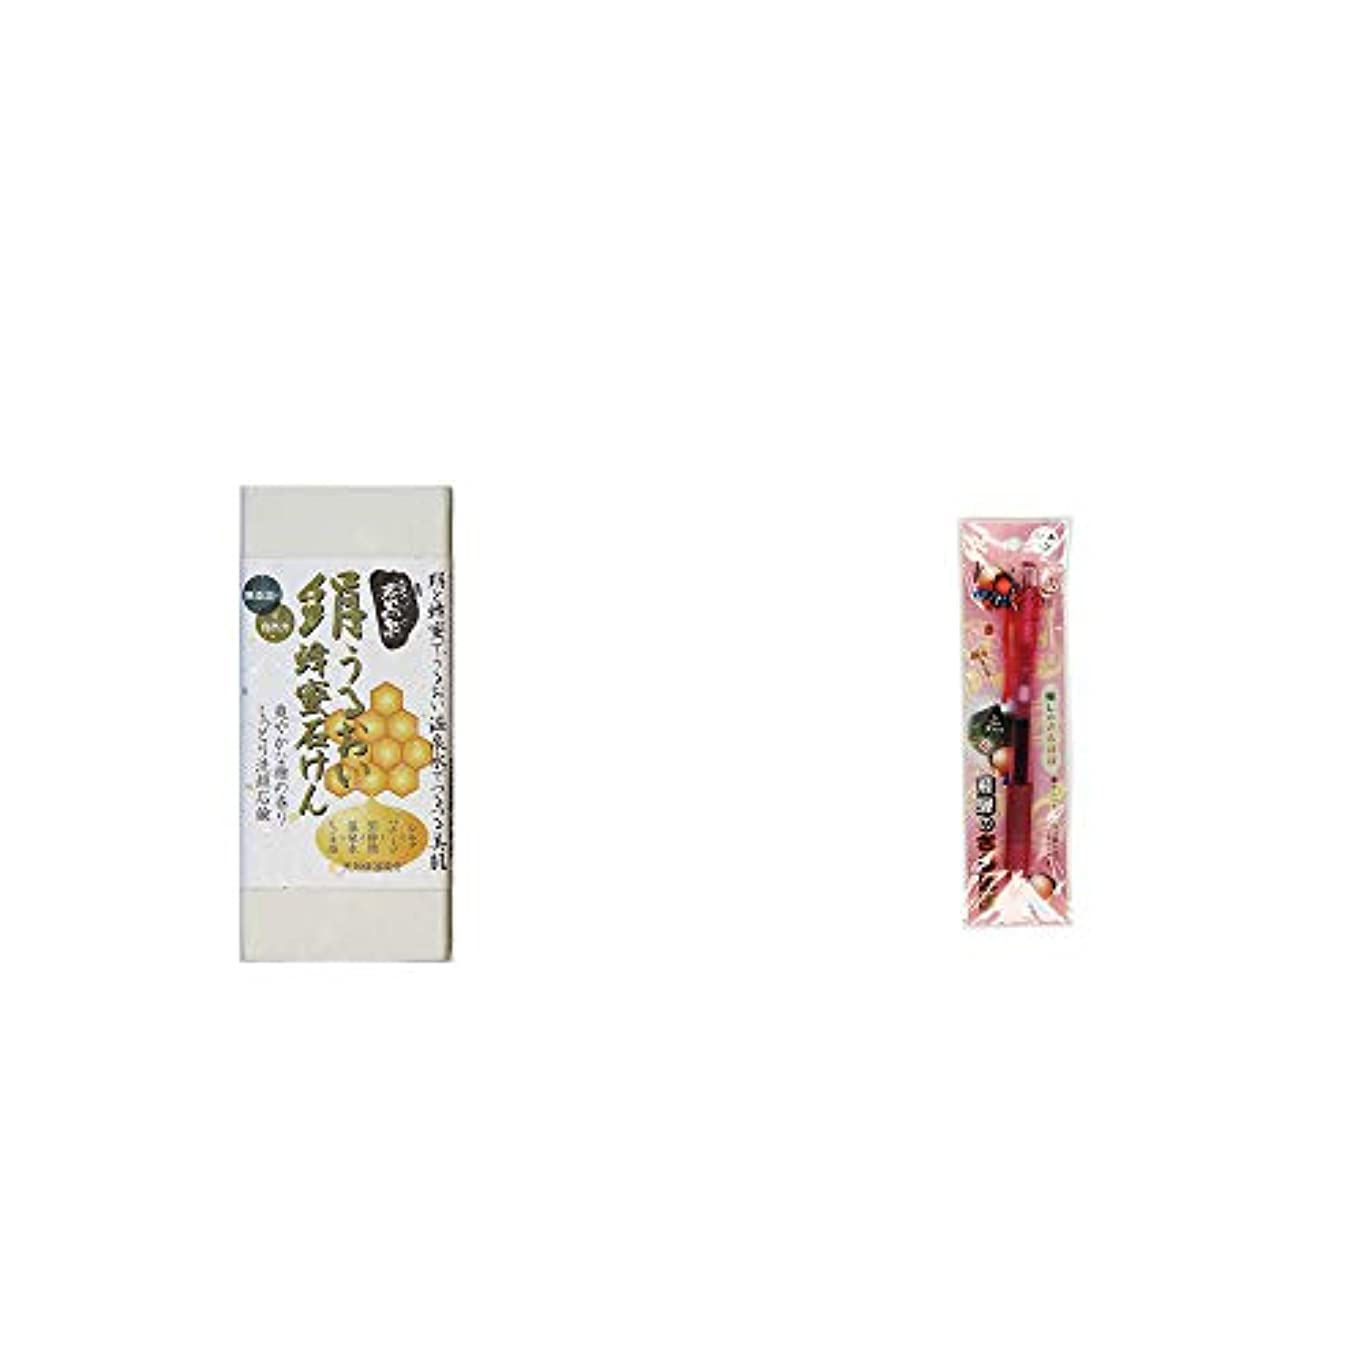 別れる歩道ハウス[2点セット] ひのき炭黒泉 絹うるおい蜂蜜石けん(75g×2)?さるぼぼ 癒しボールペン 【ピンク】